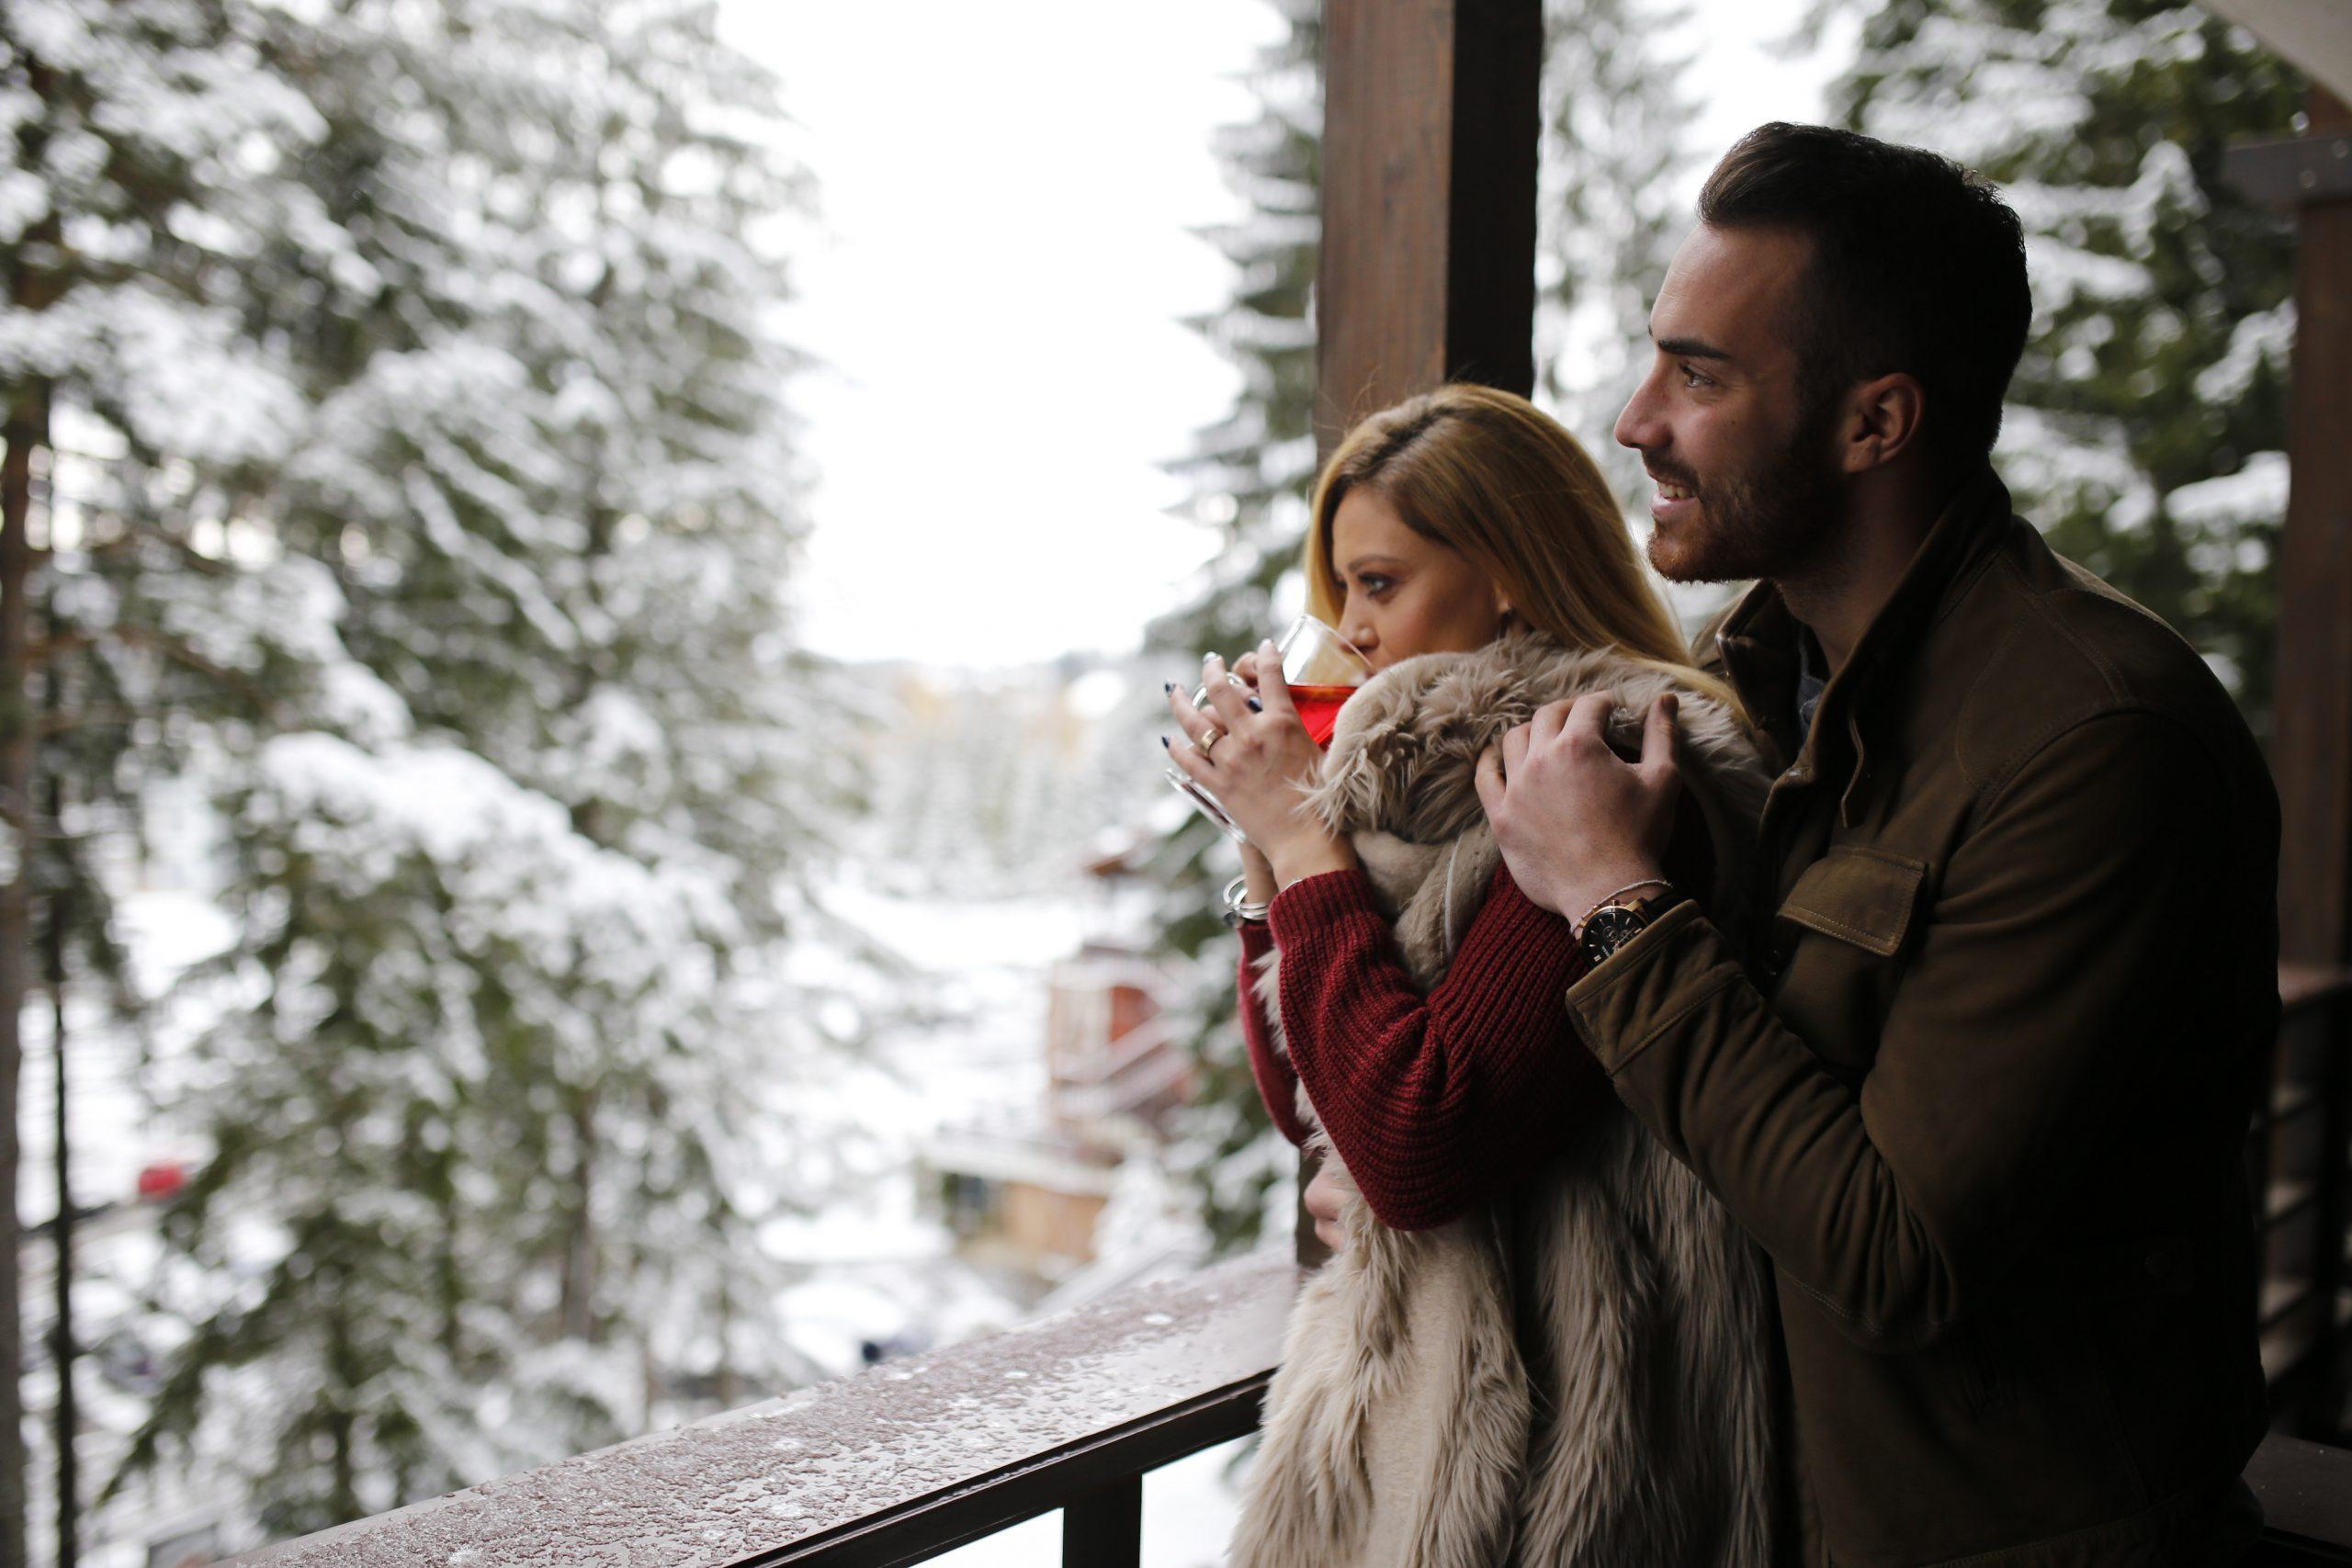 Escapade de iarnă în cea mai mare și modernă stațiune montană din România